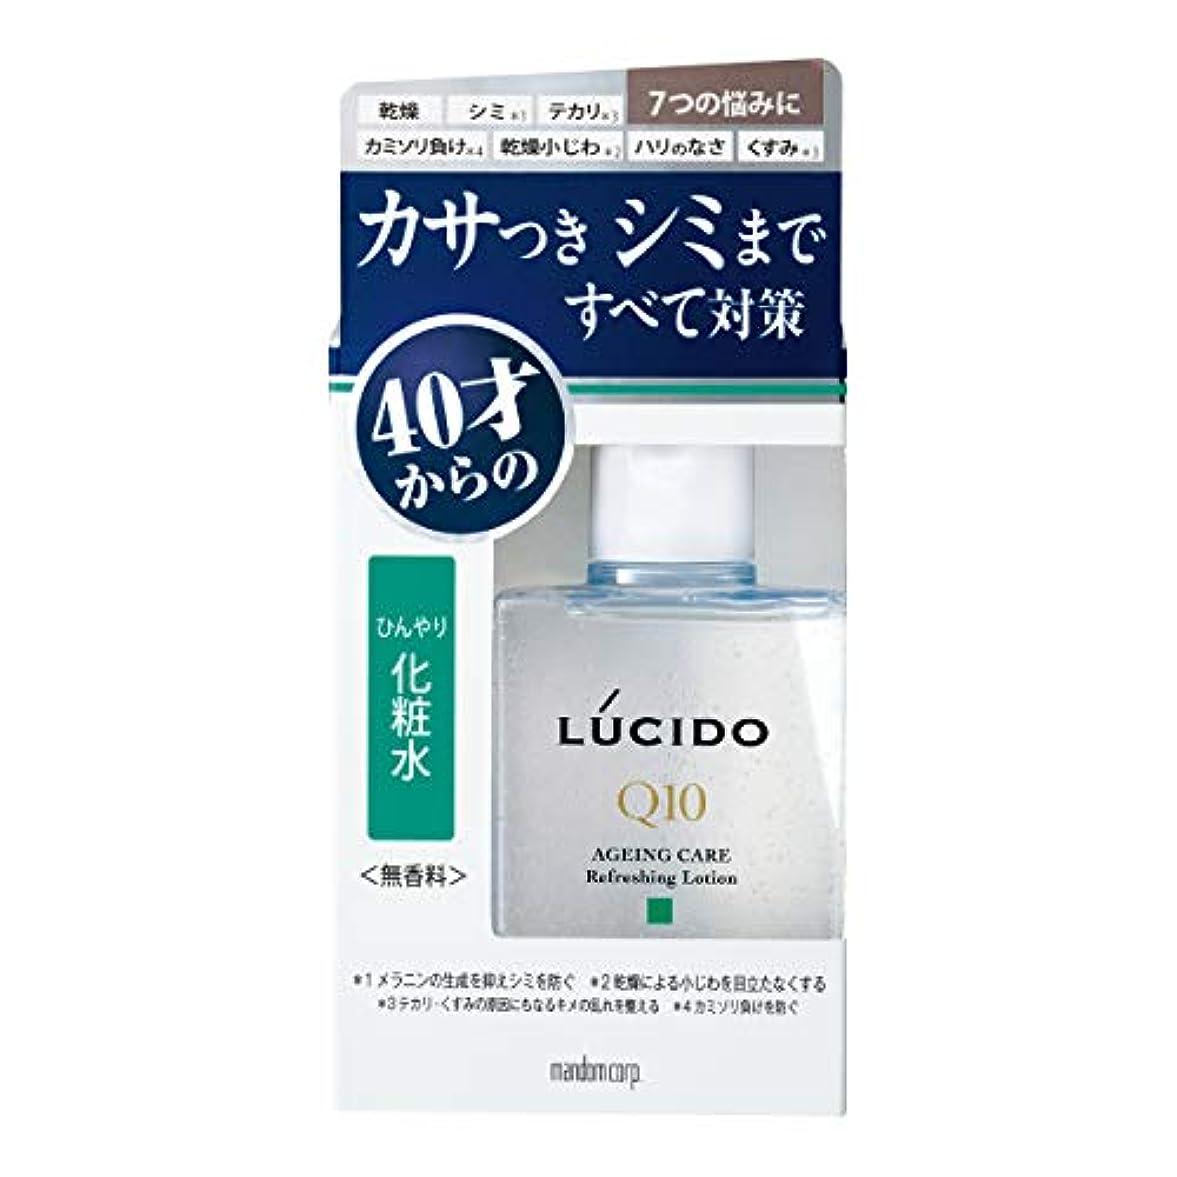 おなじみの誇り冊子ルシード(LUCIDO)薬用 トータルケアひんやり化粧水 メンズ スキンケア さっぱり 110ml(医薬部外品)